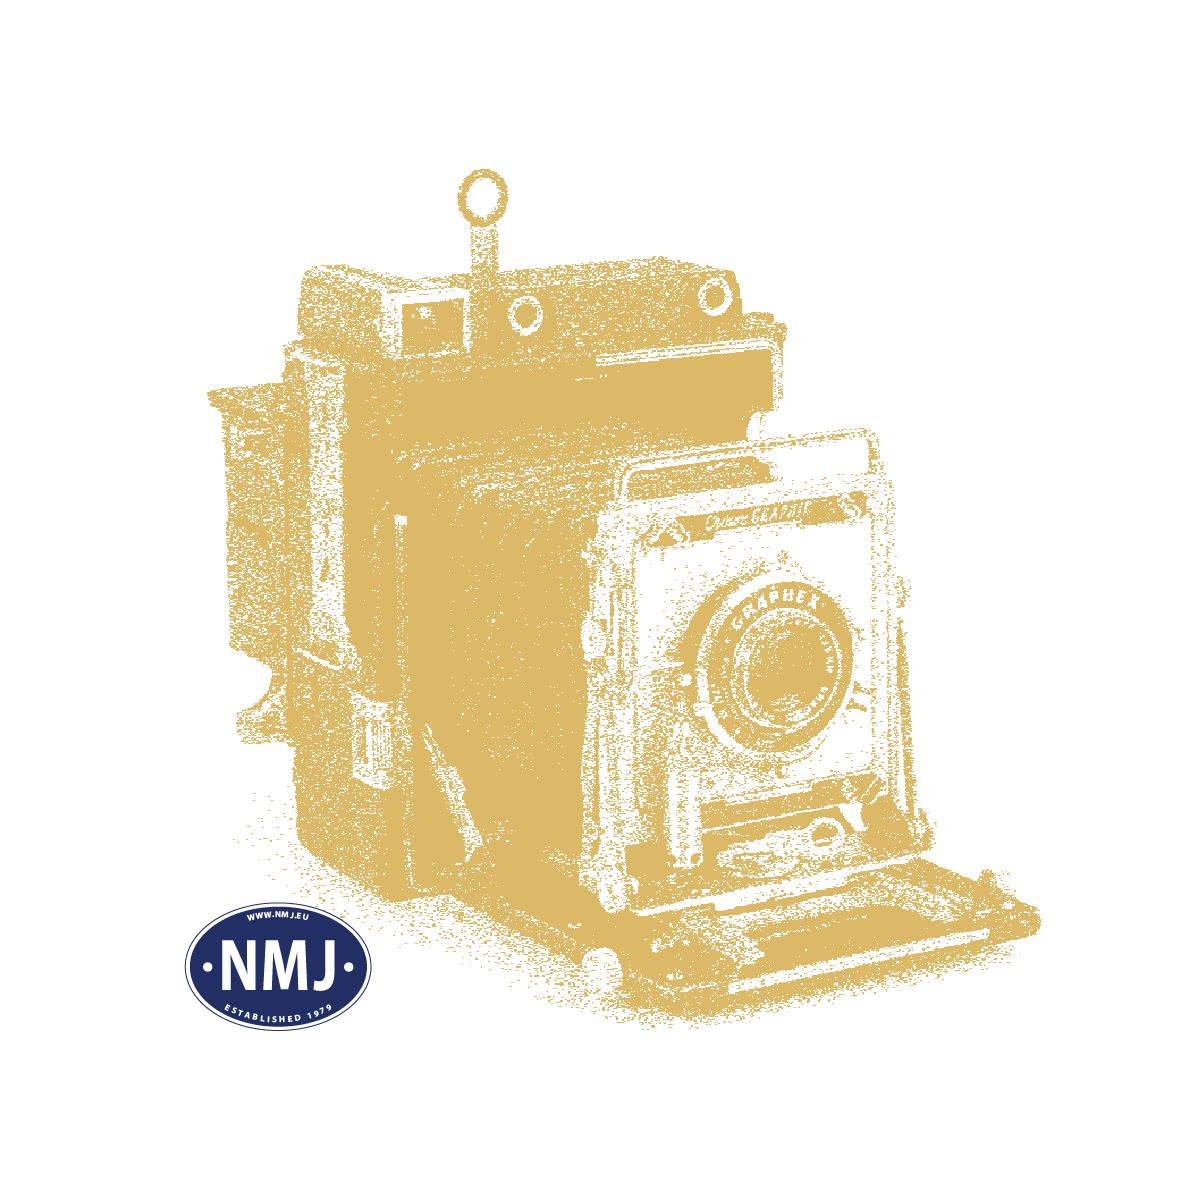 Art387.31-GN - Elektrisk bagasjetralle. H0